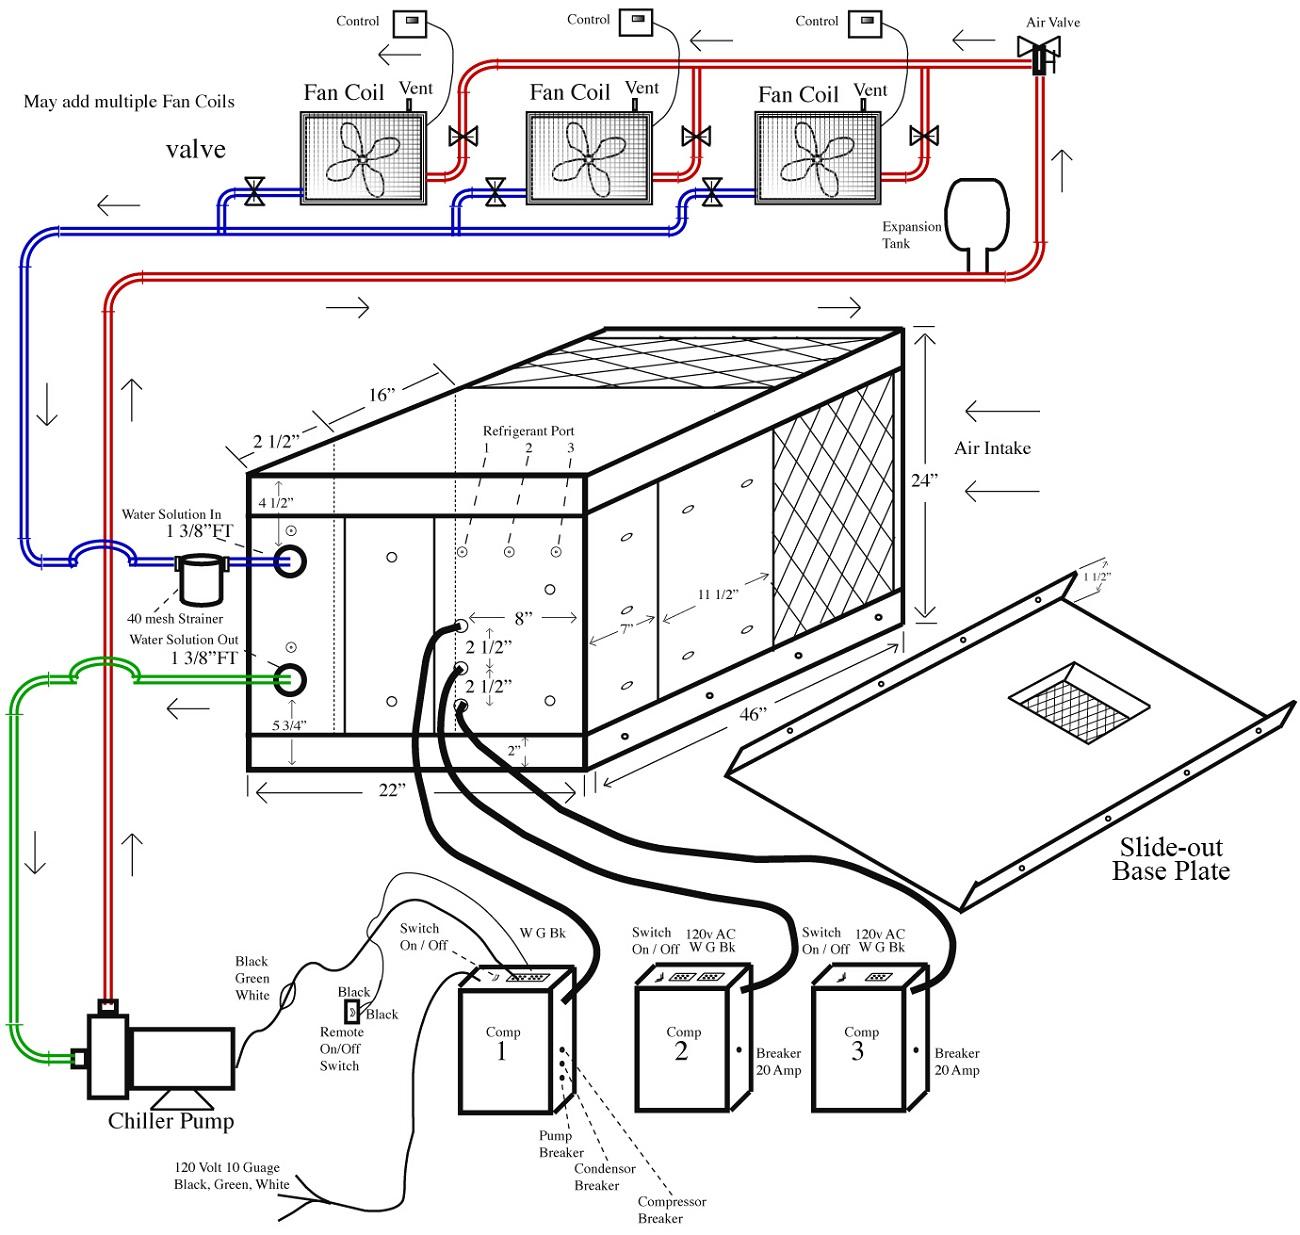 Basic HVAC System Diagram